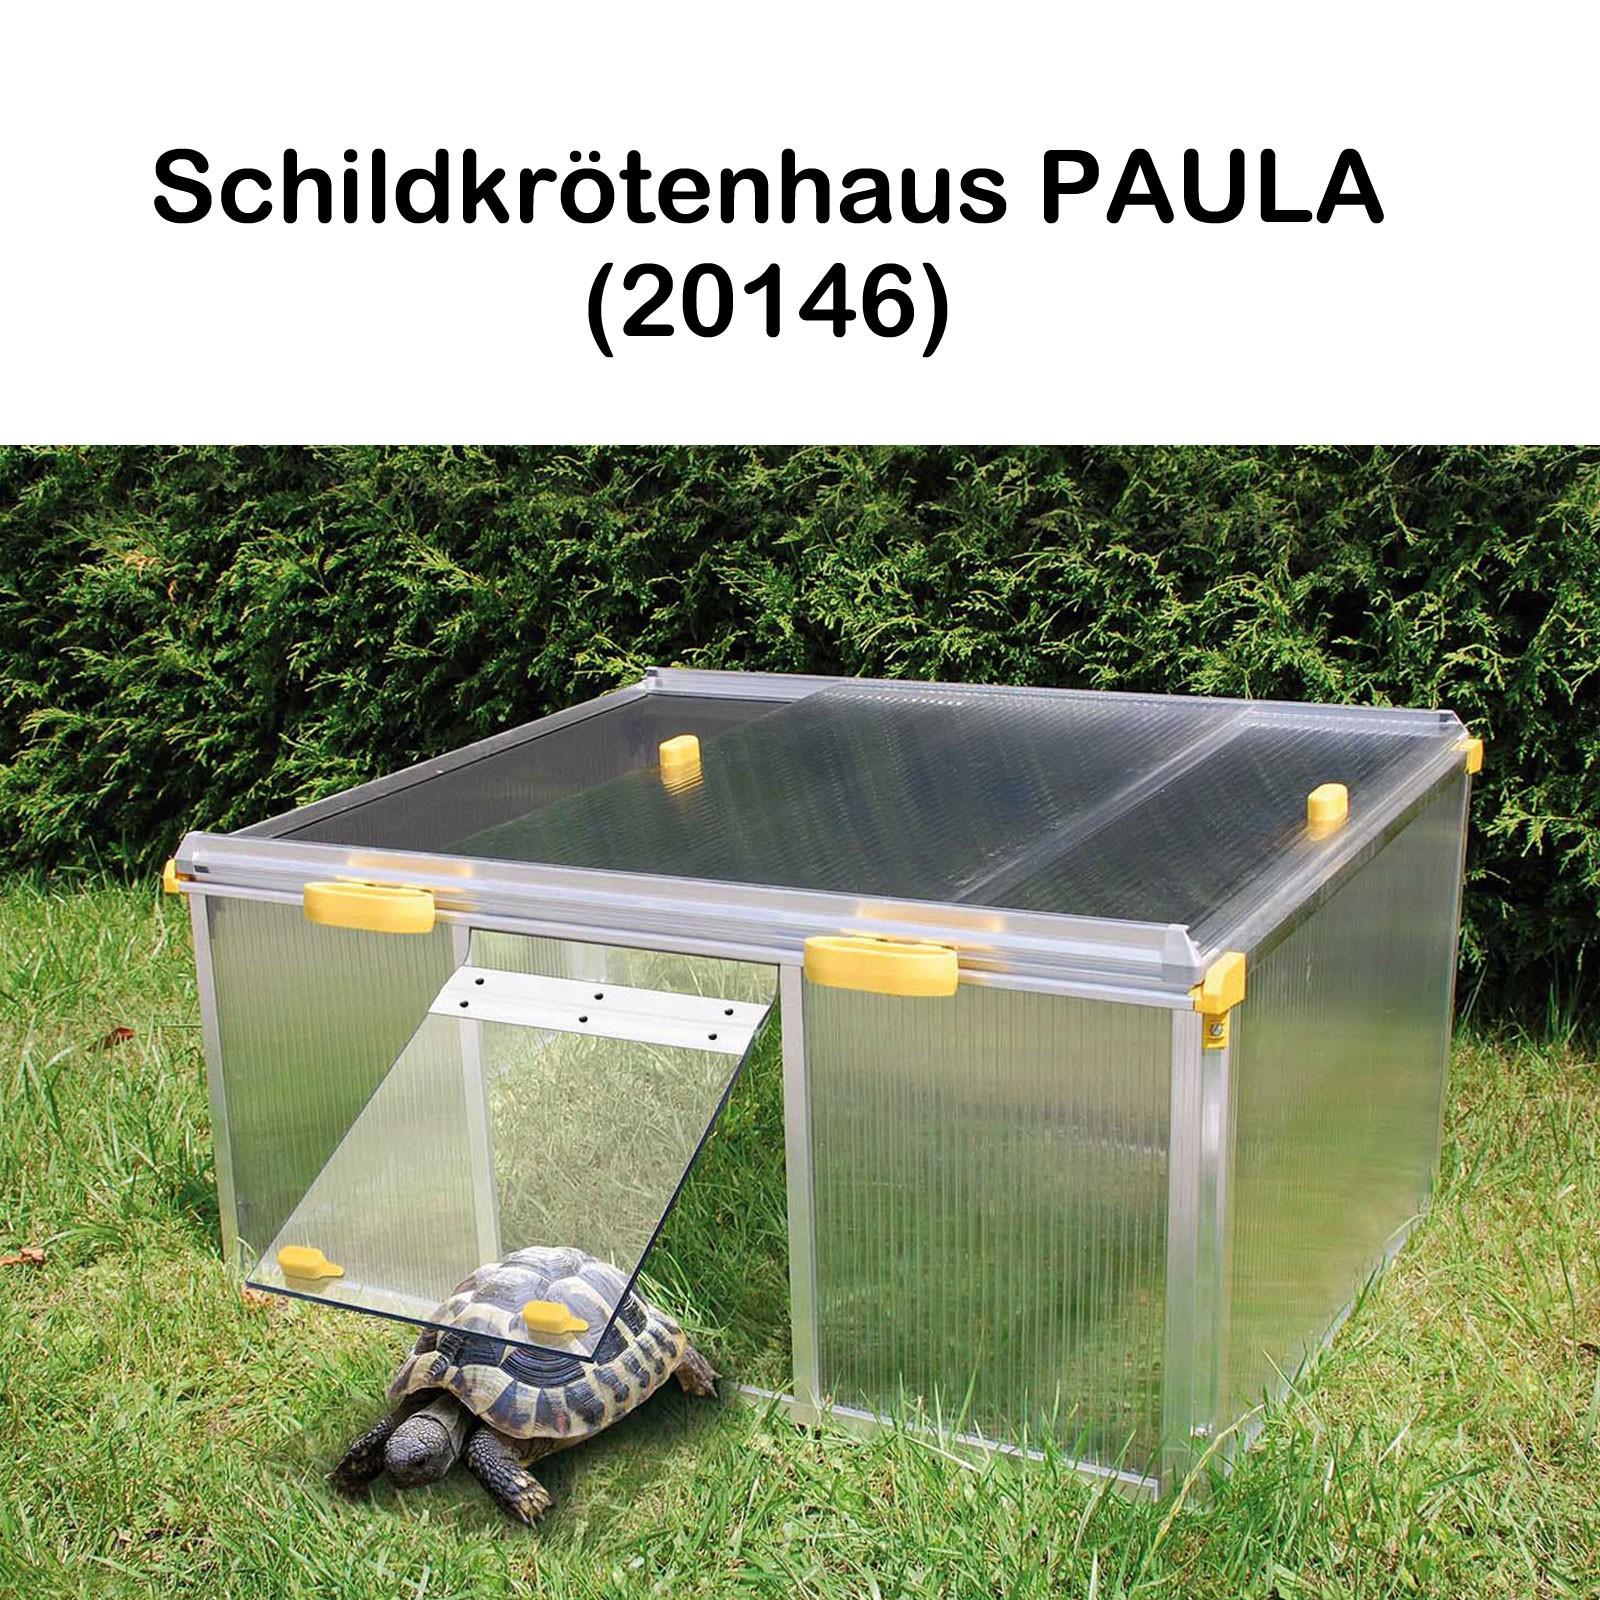 Juwel Schildkrötenhaus PAULA m./o. Zubehör Anbausatz Freigehege 20146